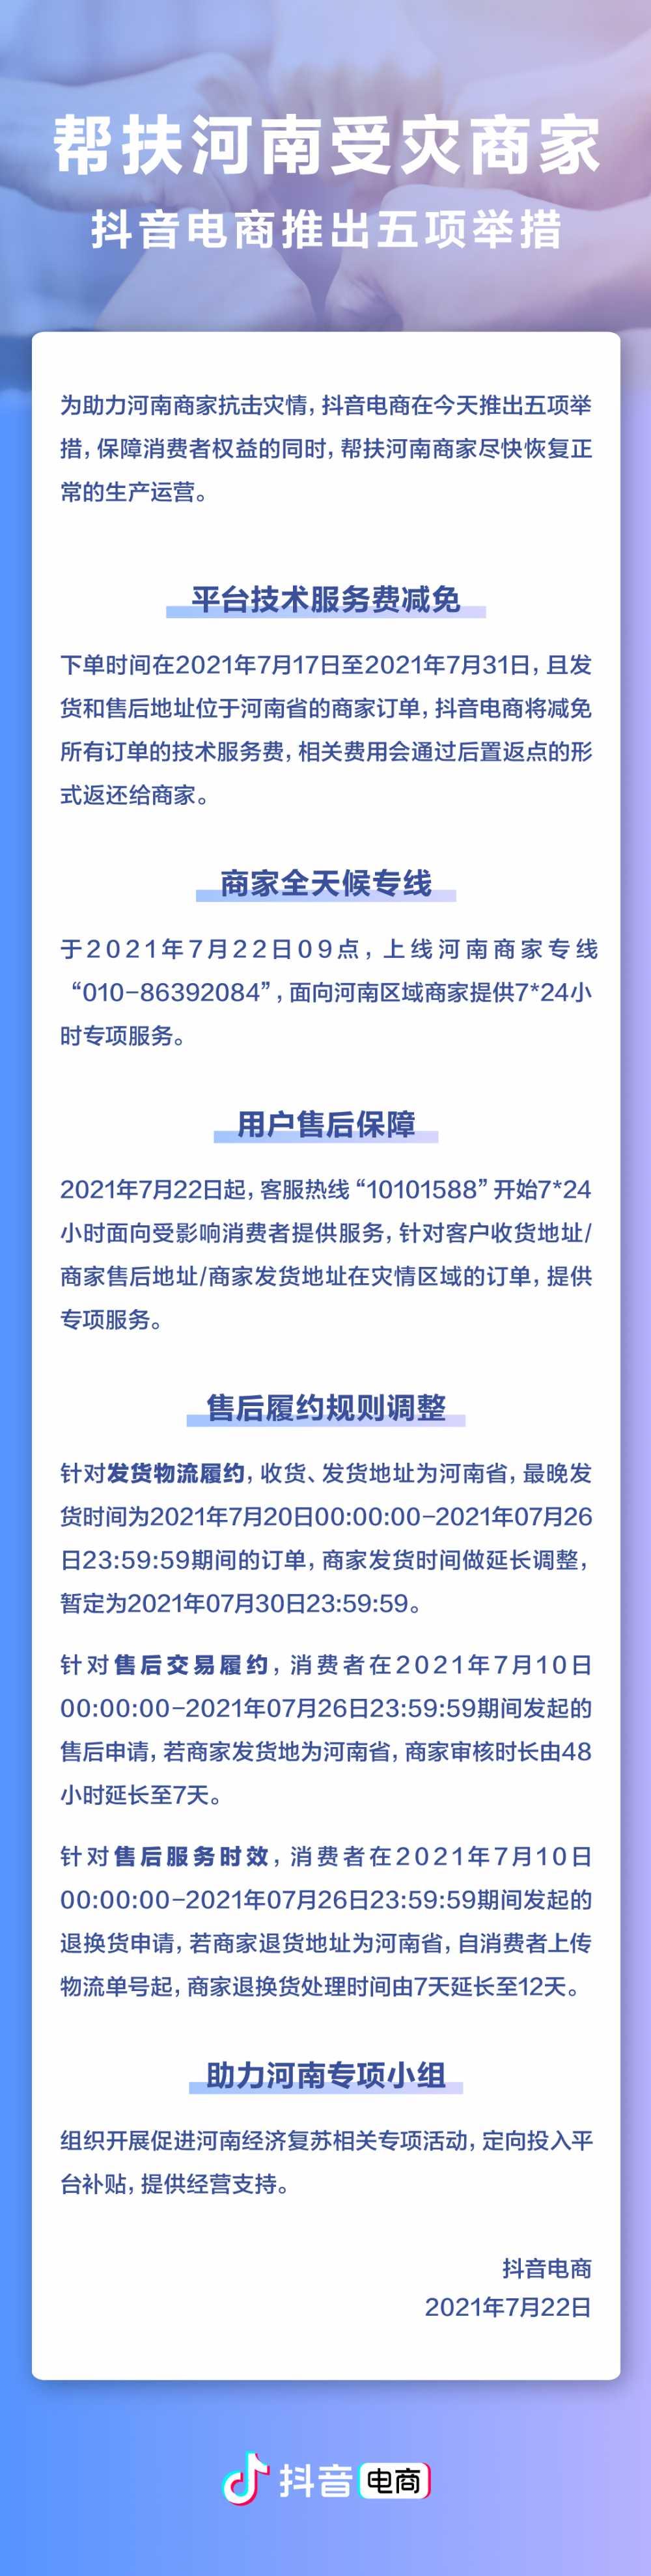 《灾后郑州:当一座都市忽然失去了互联网》刷屏,阅读量548万-第3张图片-周小辉博客